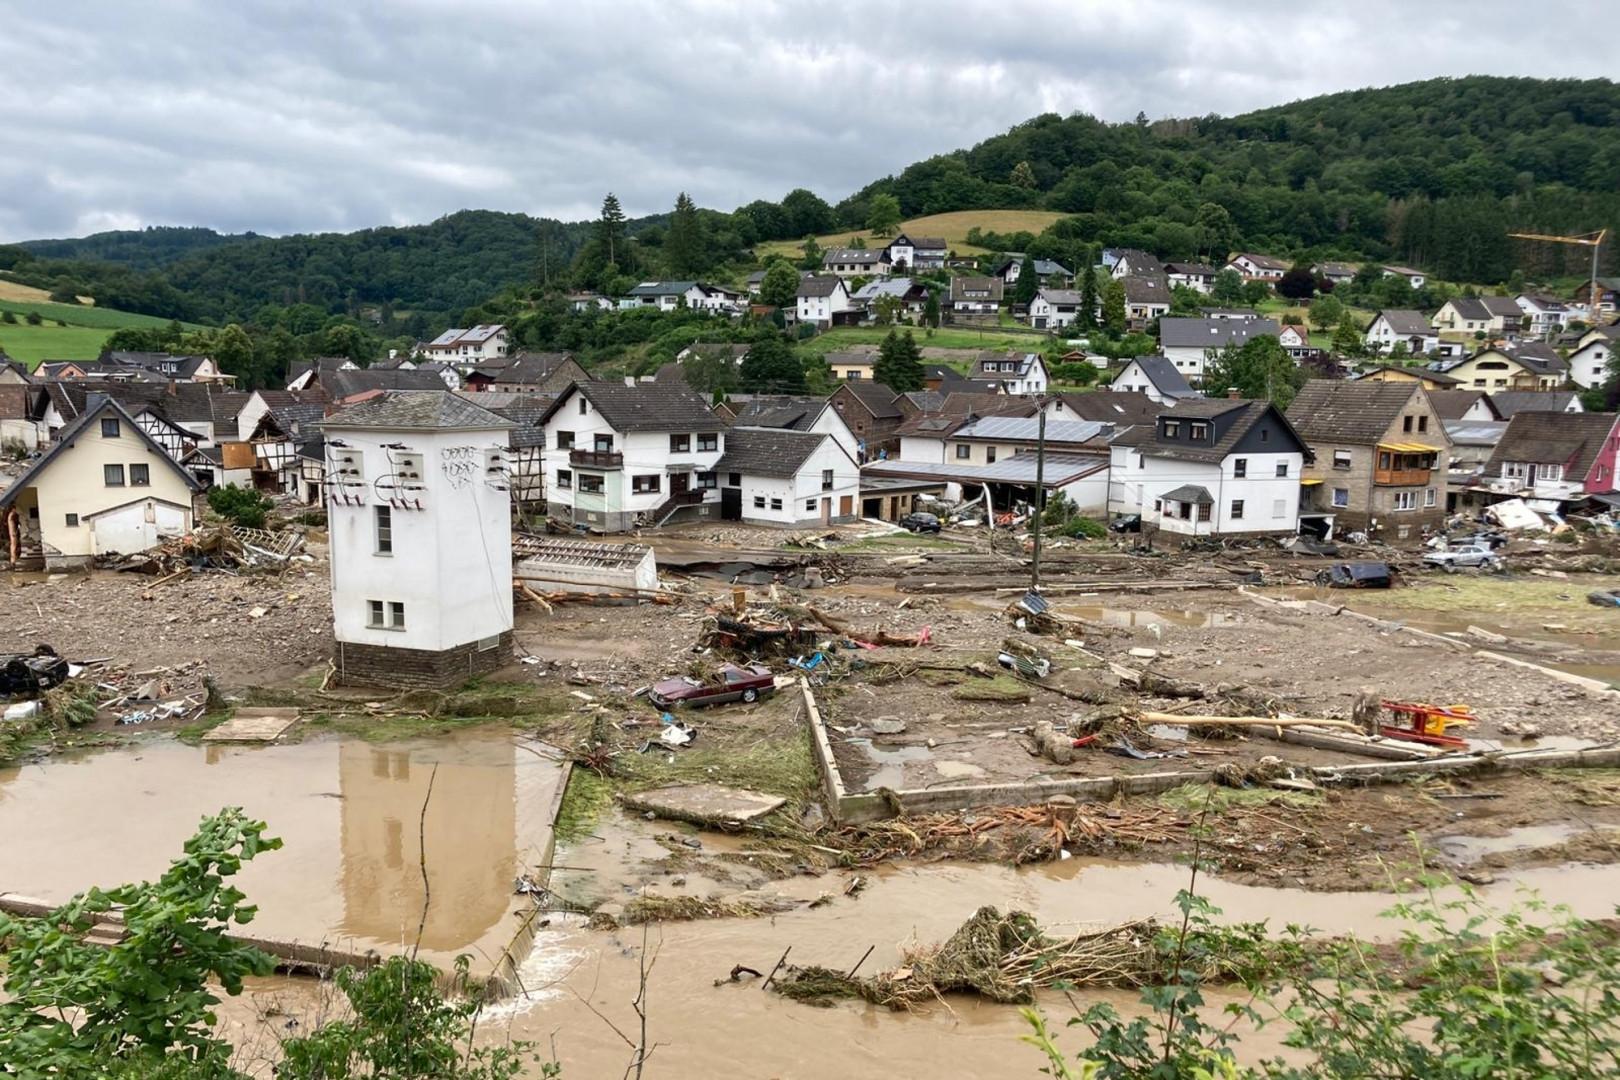 Vue sur la partie ravagée de la ville de Schuld en Allemagne, au bord de l'Ahr, le jeudi 15 juillet 2021.